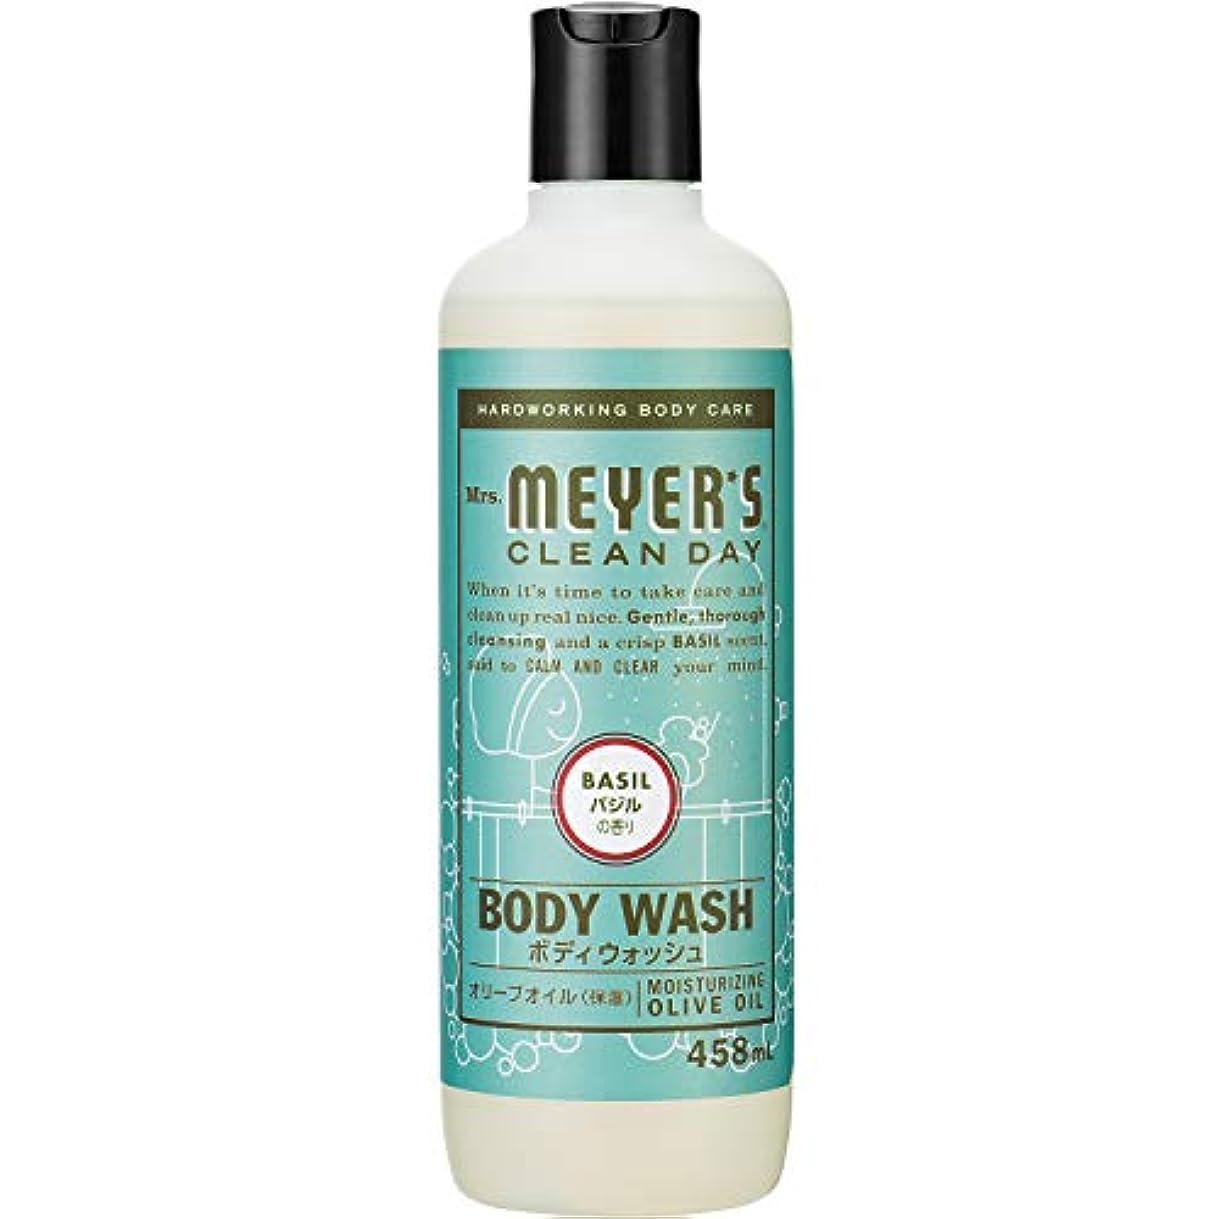 統計的男らしさ注ぎますMrs. MEYER'S CLEAN DAY(ミセスマイヤーズ クリーンデイ) ミセスマイヤーズ クリーンデイ(Mrs.Meyers Clean Day) ボディウォッシュ バジルの香り 458ml ボディソープ